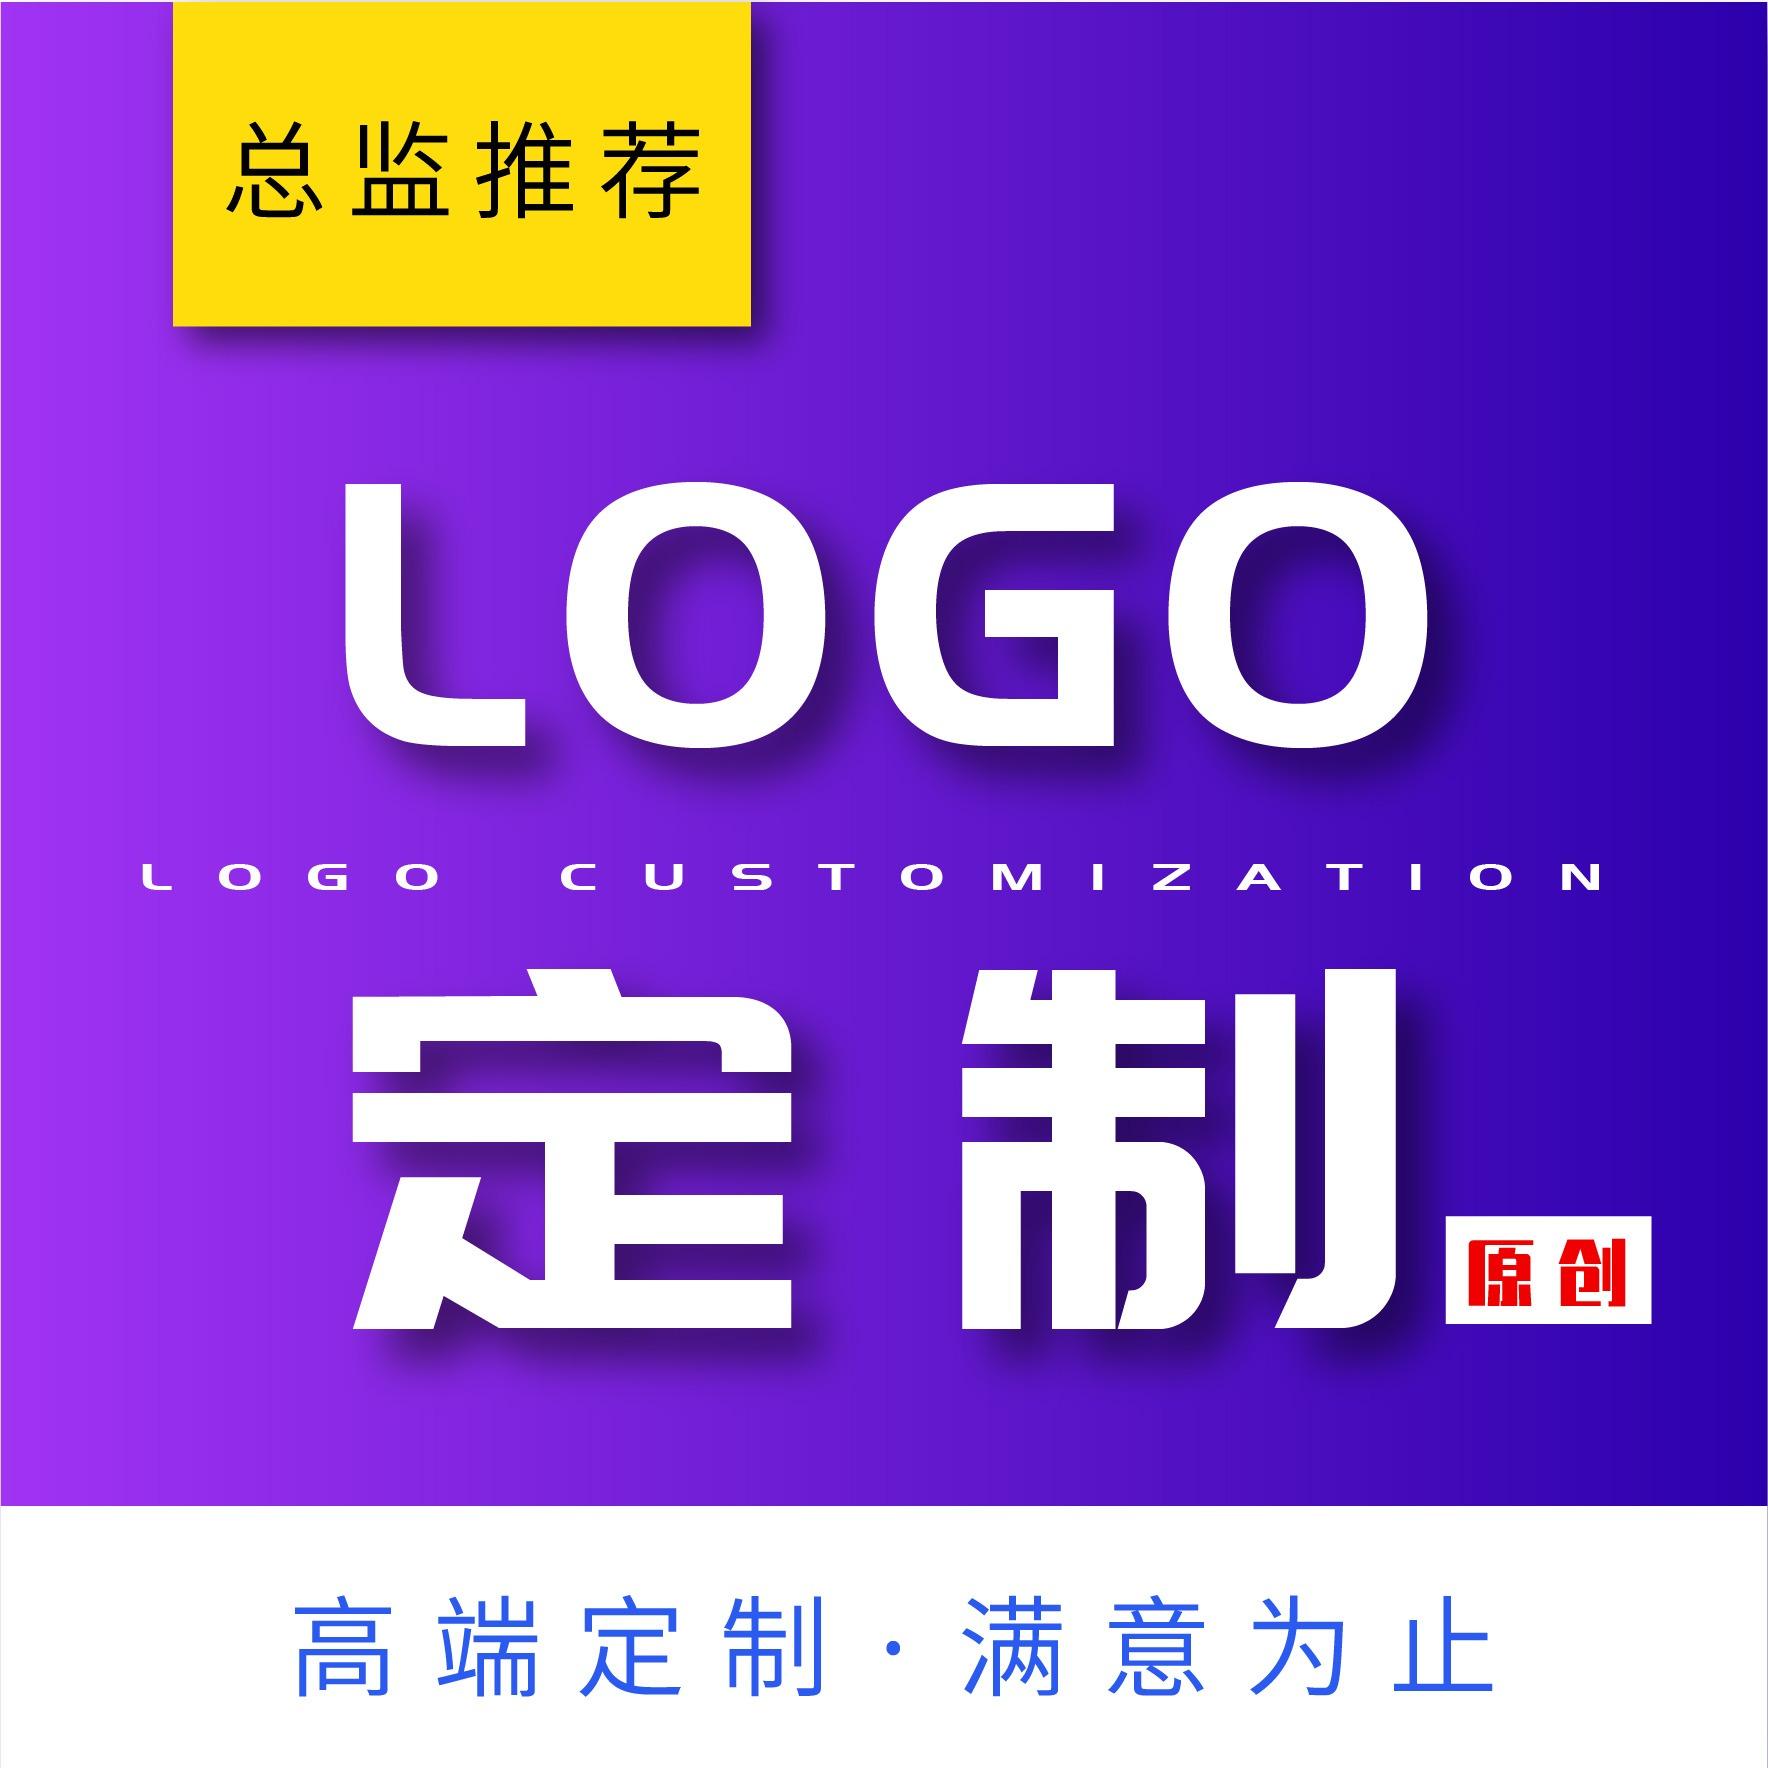 公司企业文字图形图像图文水印字母中国风国际化品牌 logo